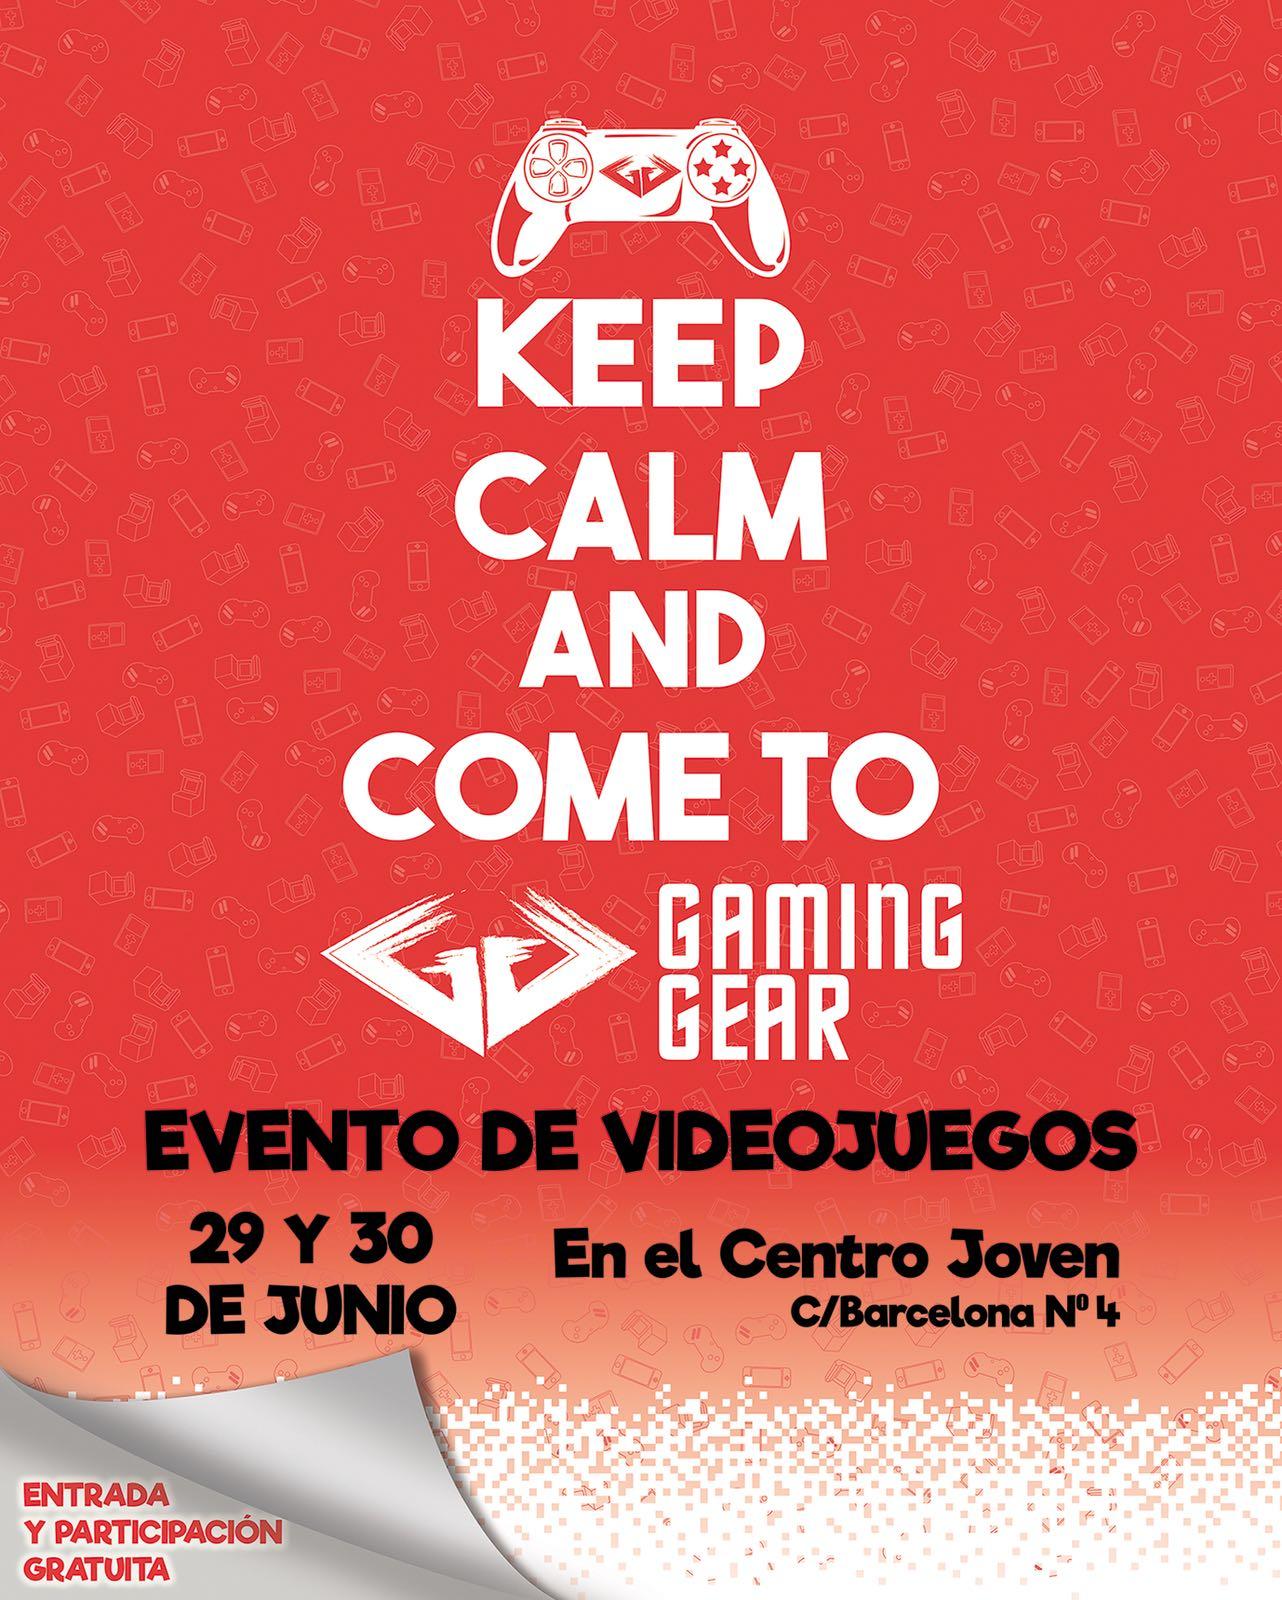 gaming gear 2018 Ciudad Real